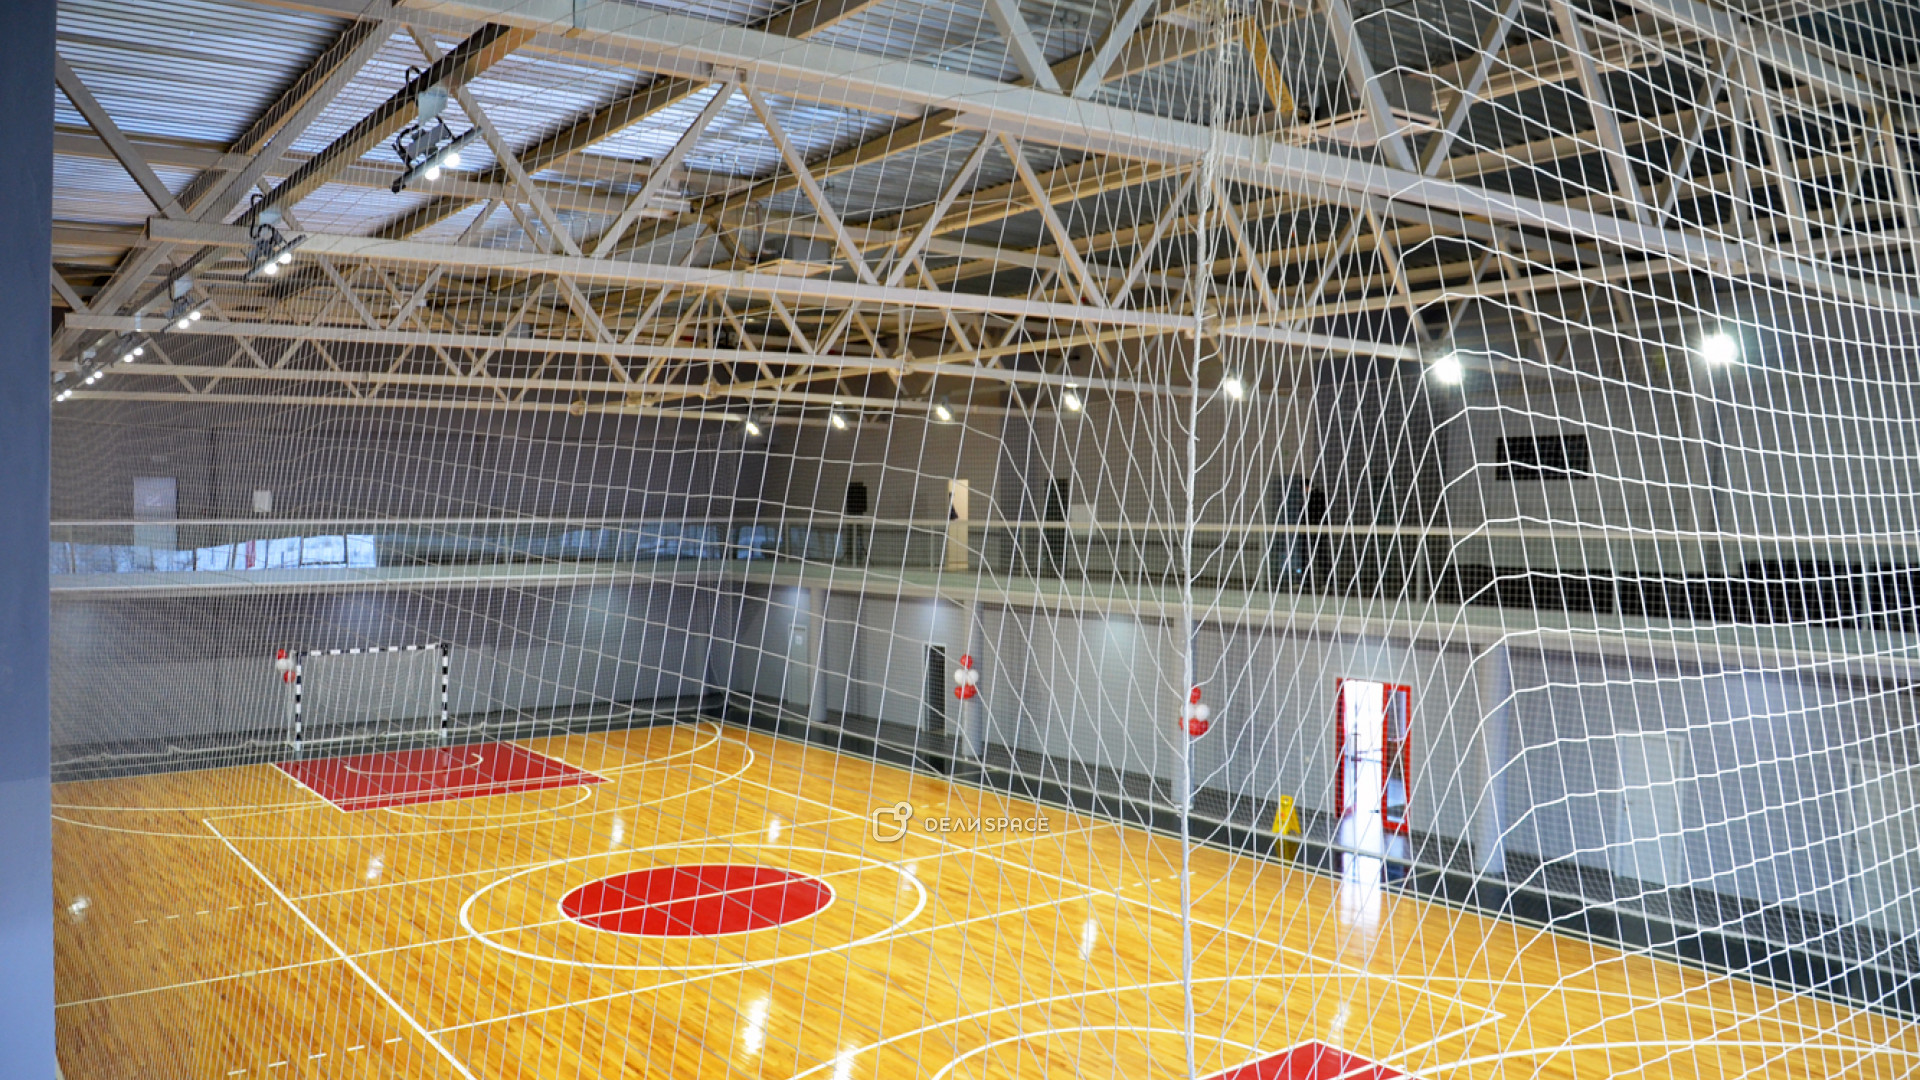 Профессиональная игровая арена с трибунами - фото №5